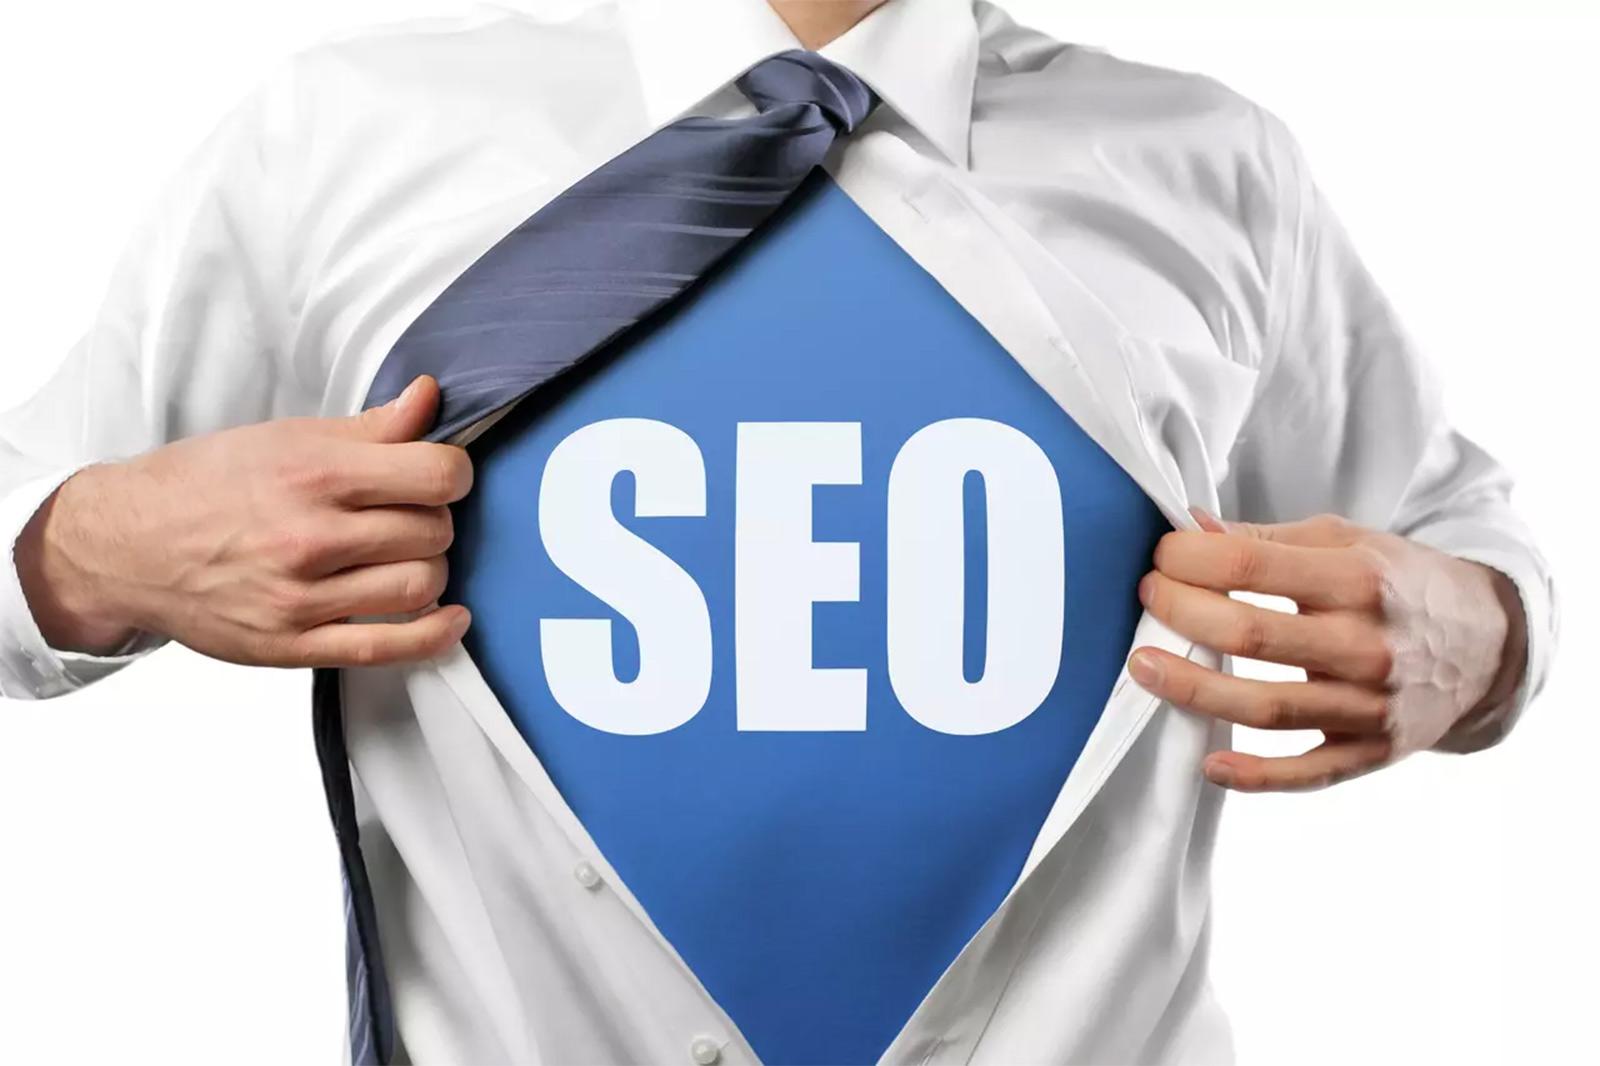 26.11.20г. в 14.00. Бесплатный вебинар: SEO продвижение сайта своими руками